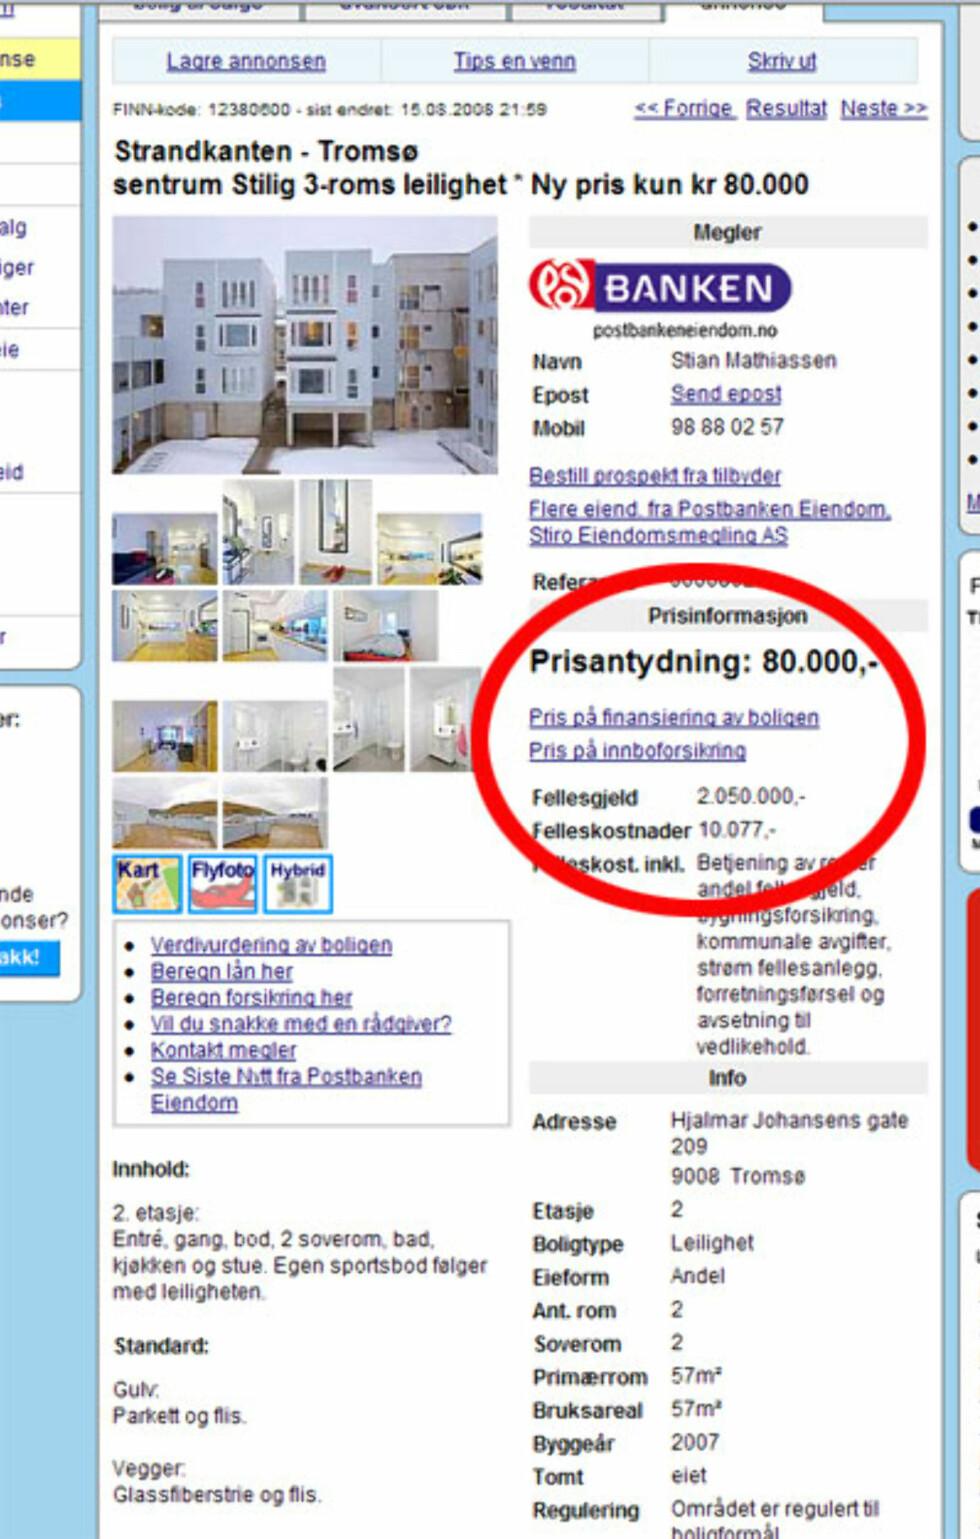 """Mer fra Tromsø, denne har det fasjonable navnet Strandkanten. Likevel er prisen også nær havnivå - 80.000 kroner oppgis som ny pris, og for det får du  tre """"stilige"""" rom og en fellesgjeld på 2.050.000 kroner. Faksimile fra Finn.no."""